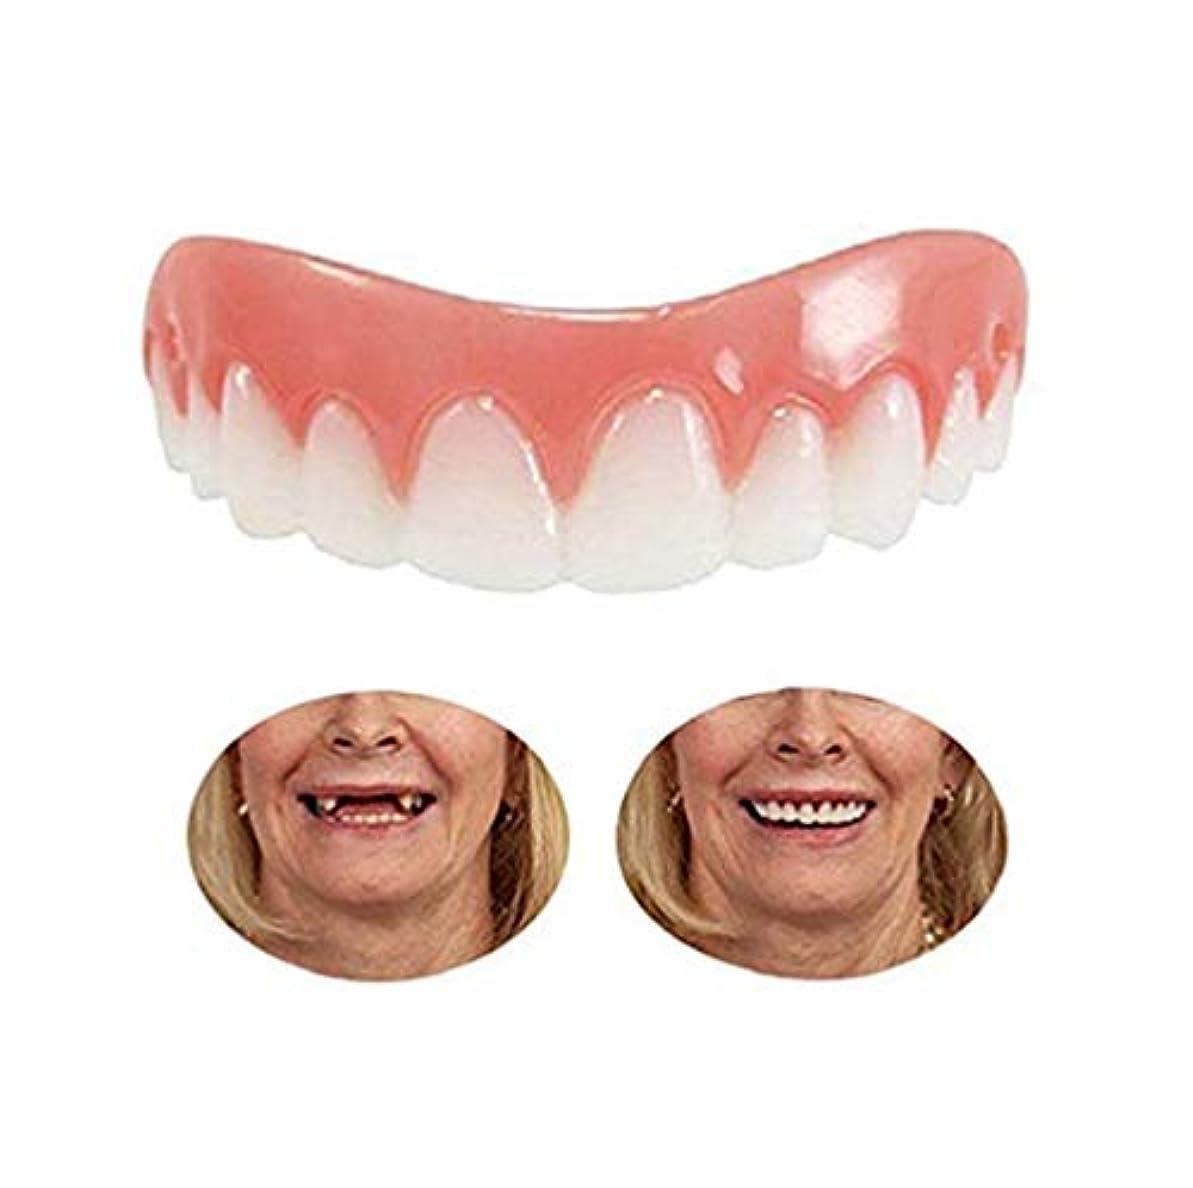 遠近法実際の呼び出す化粧品歯科ベニヤパーフェクトスマイルインスタントスマイル歯科快適なトップベニア化粧品を白くする2個の 一時的な義歯義歯